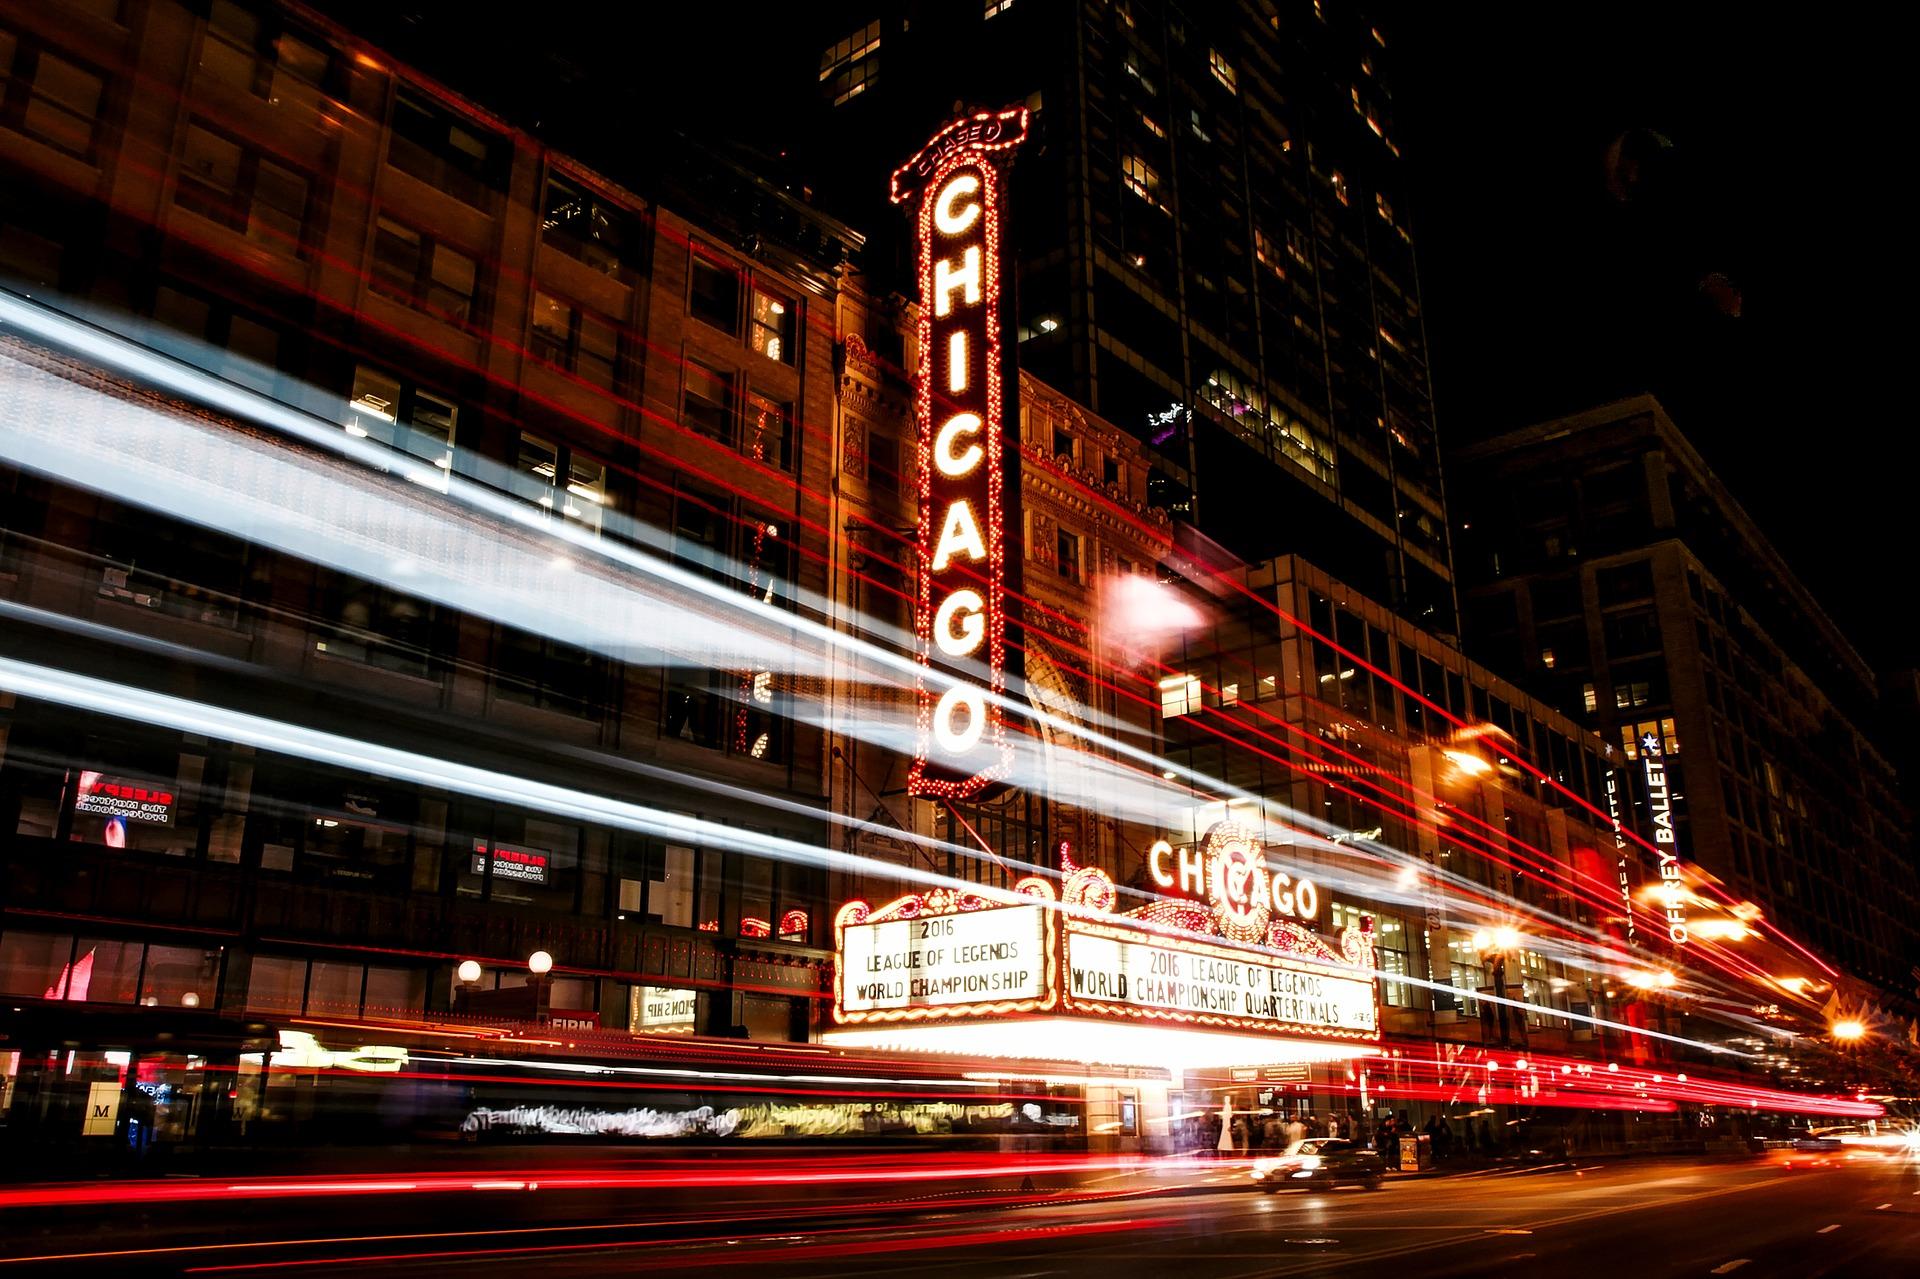 Chicago tem um acervo cultural + urbano riquíssimo e vai encantar o turista